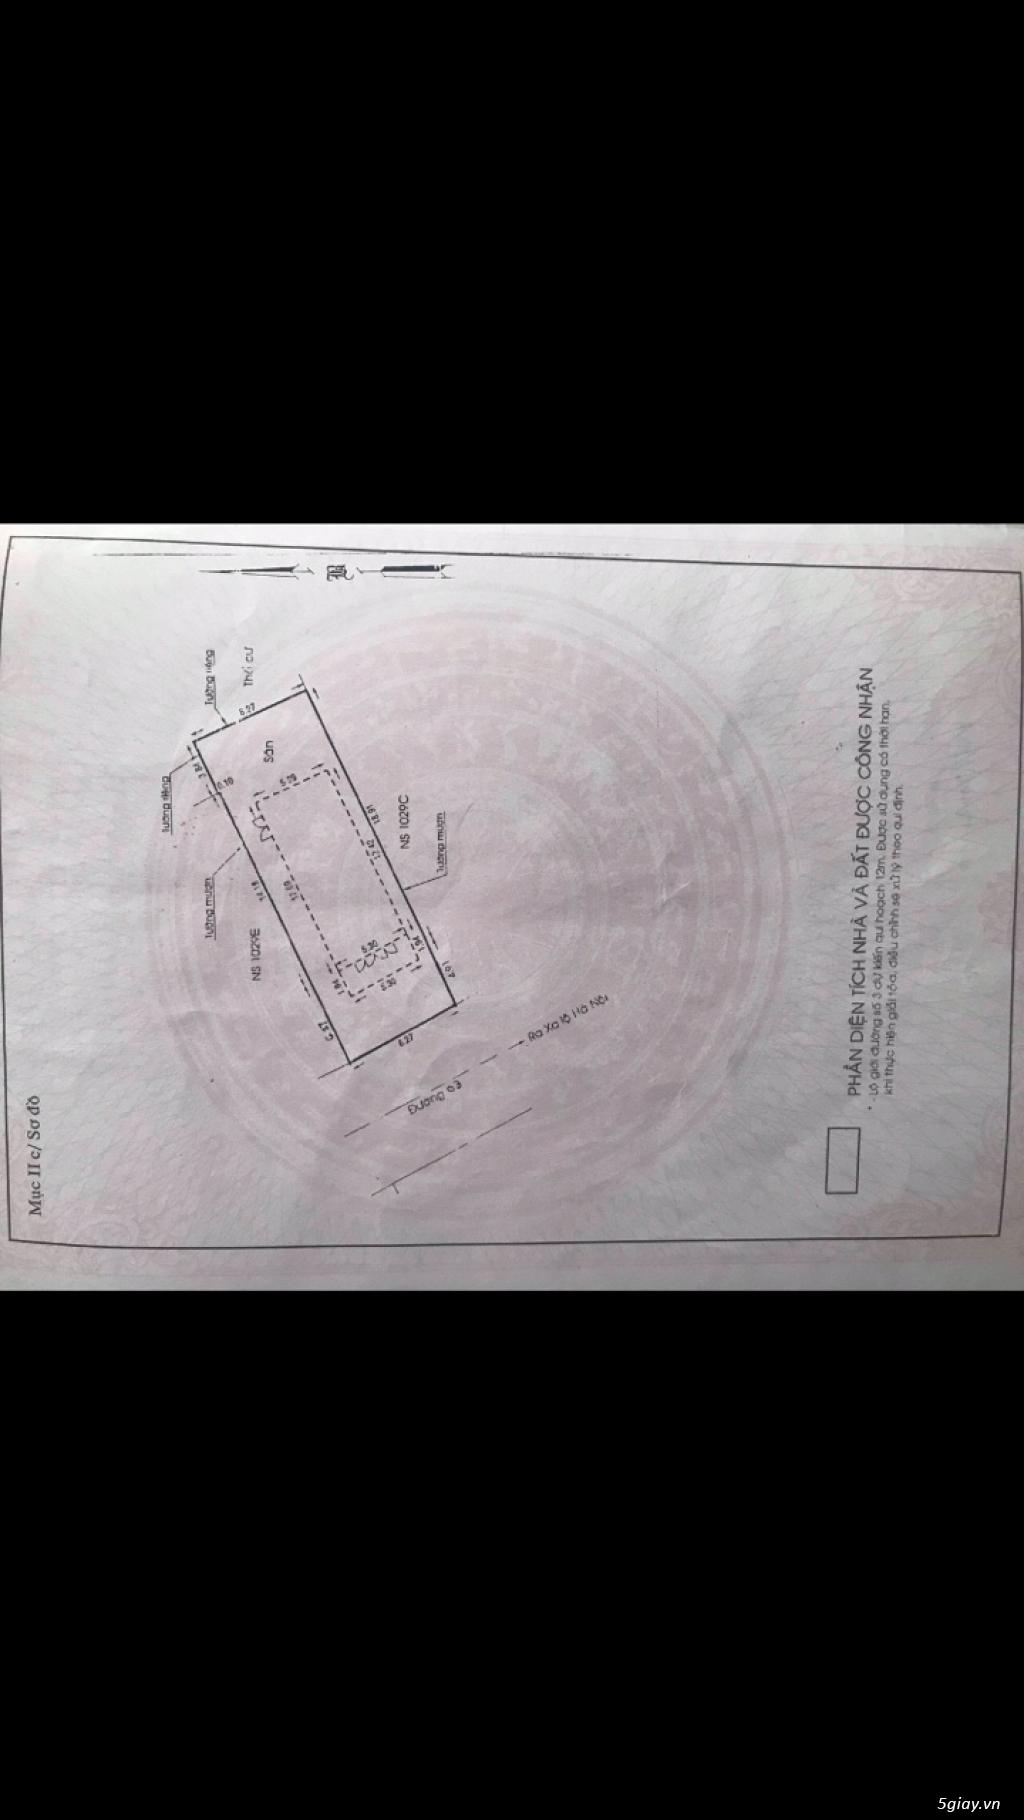 Đất 6x17 mặt tiền Đỗ Quang Thảo Điền Quận 2